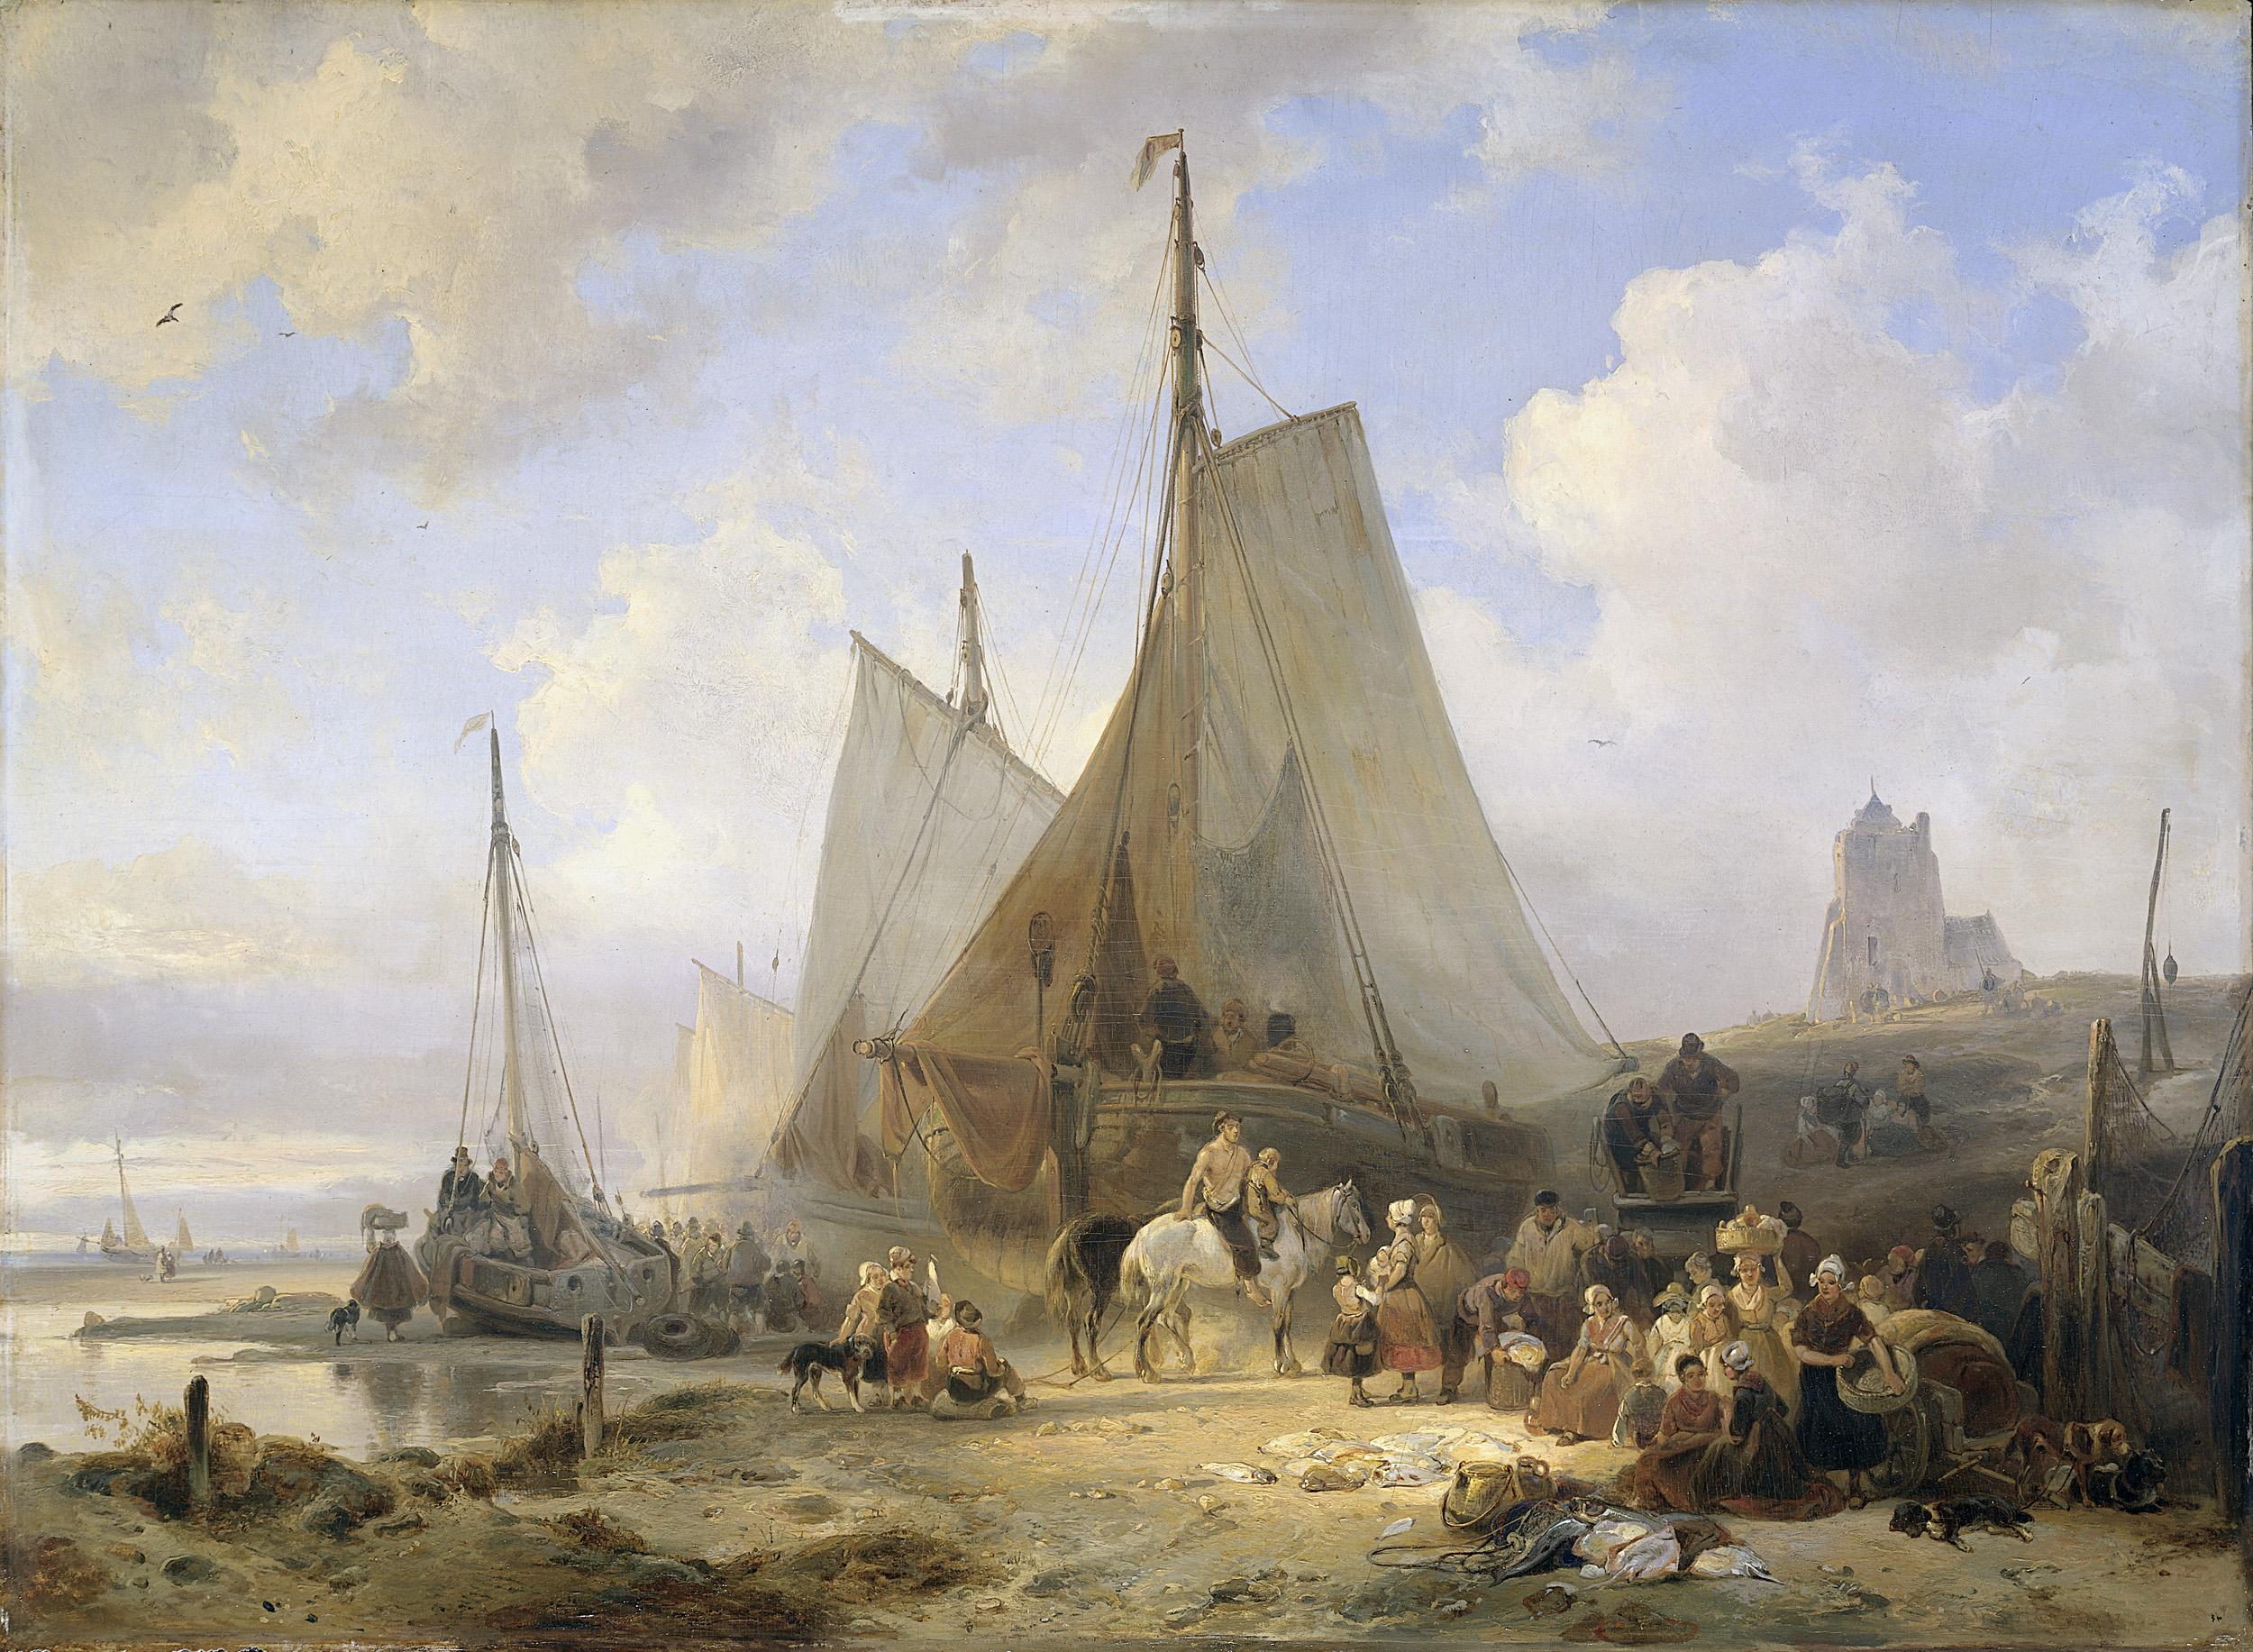 nuijen_ships_on_shore